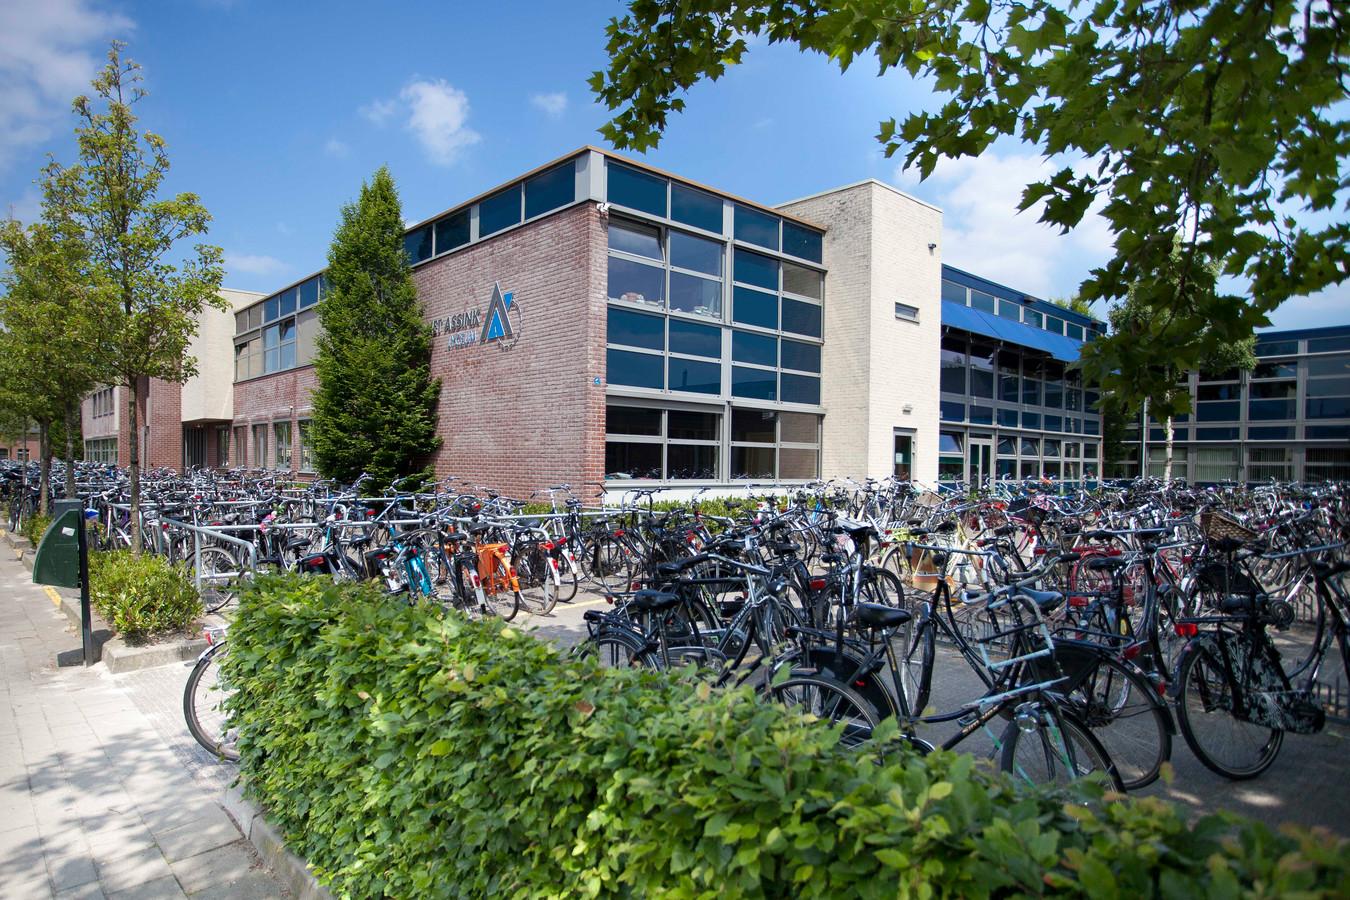 Het Assink lyceum aan de Van Brakelstraat in Haaksbergen.